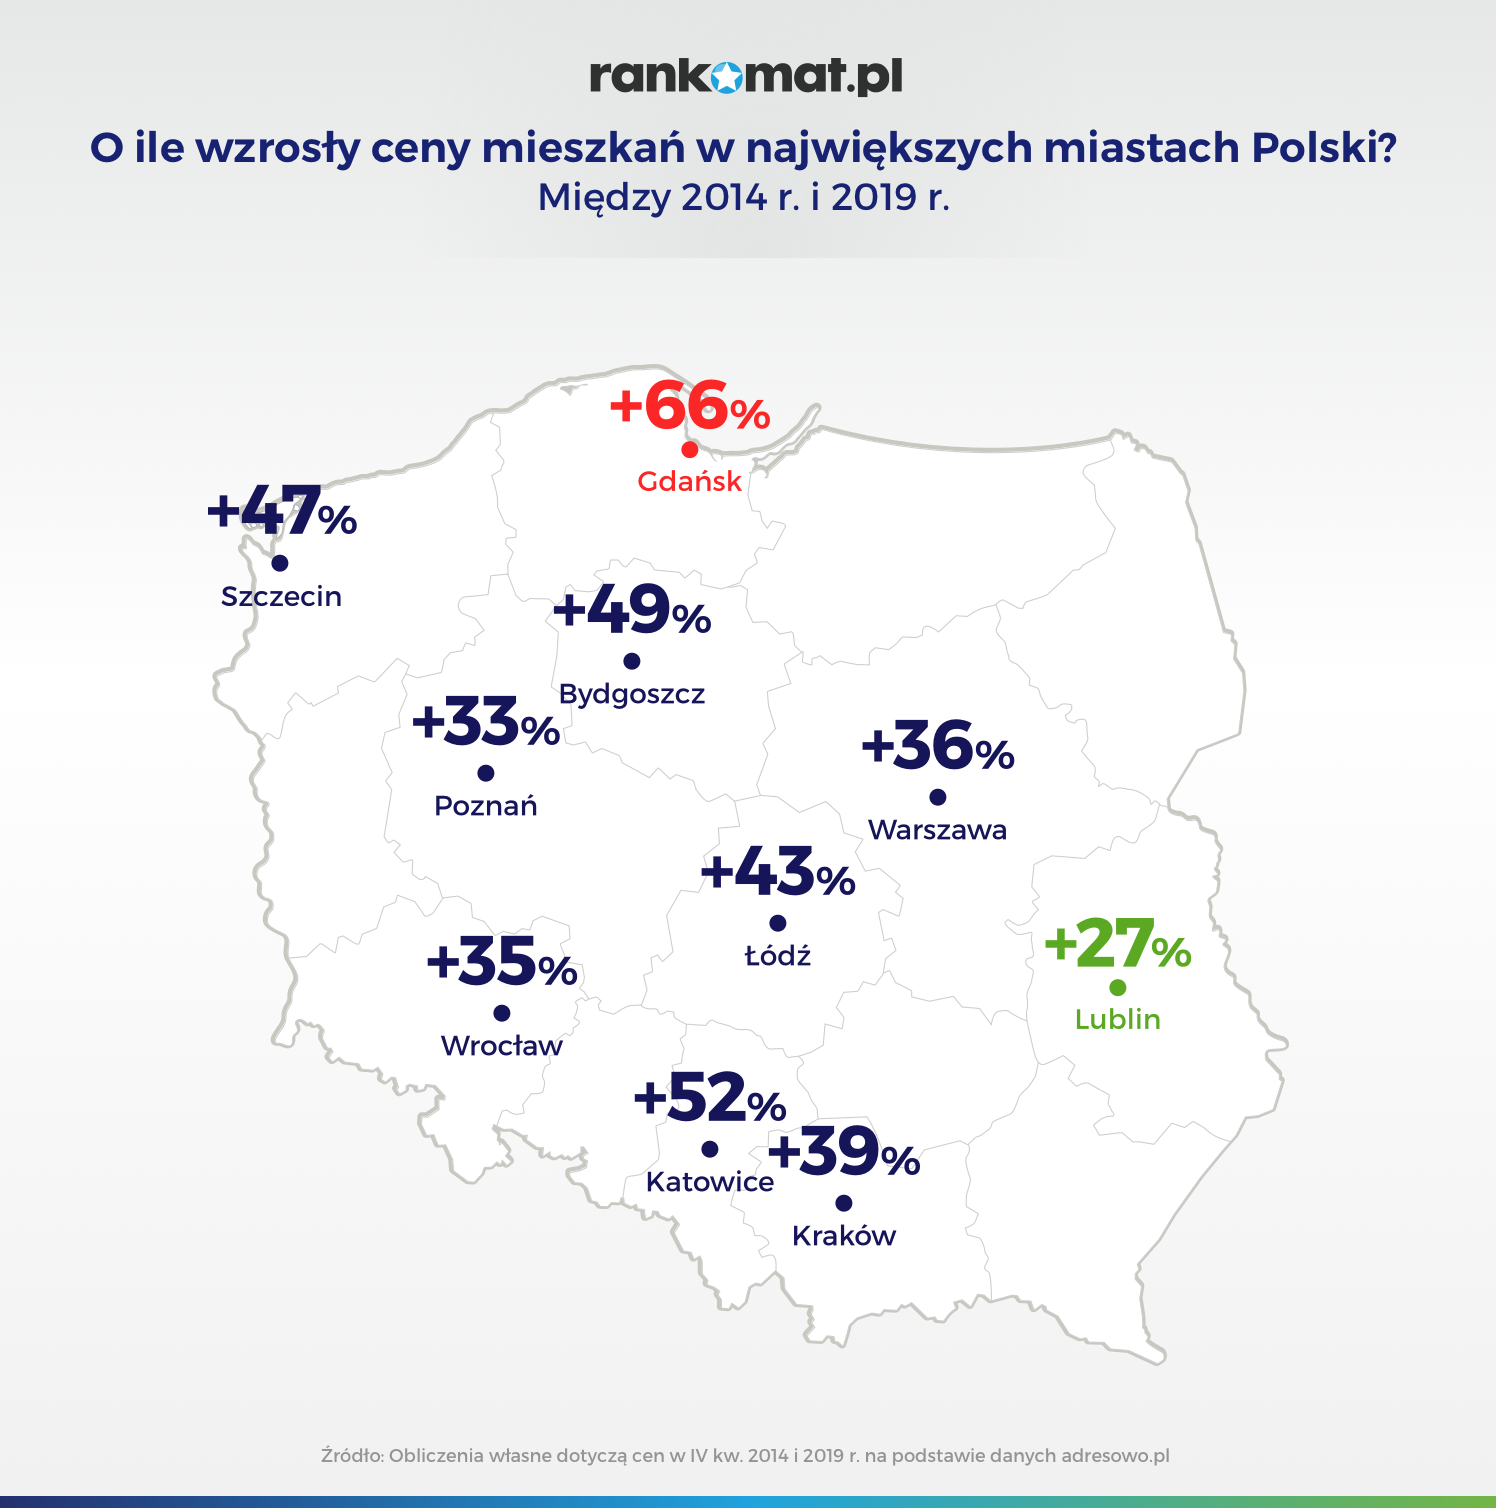 O ile wzrosły ceny mieszkań w największych miastach Polski_v3 (1)